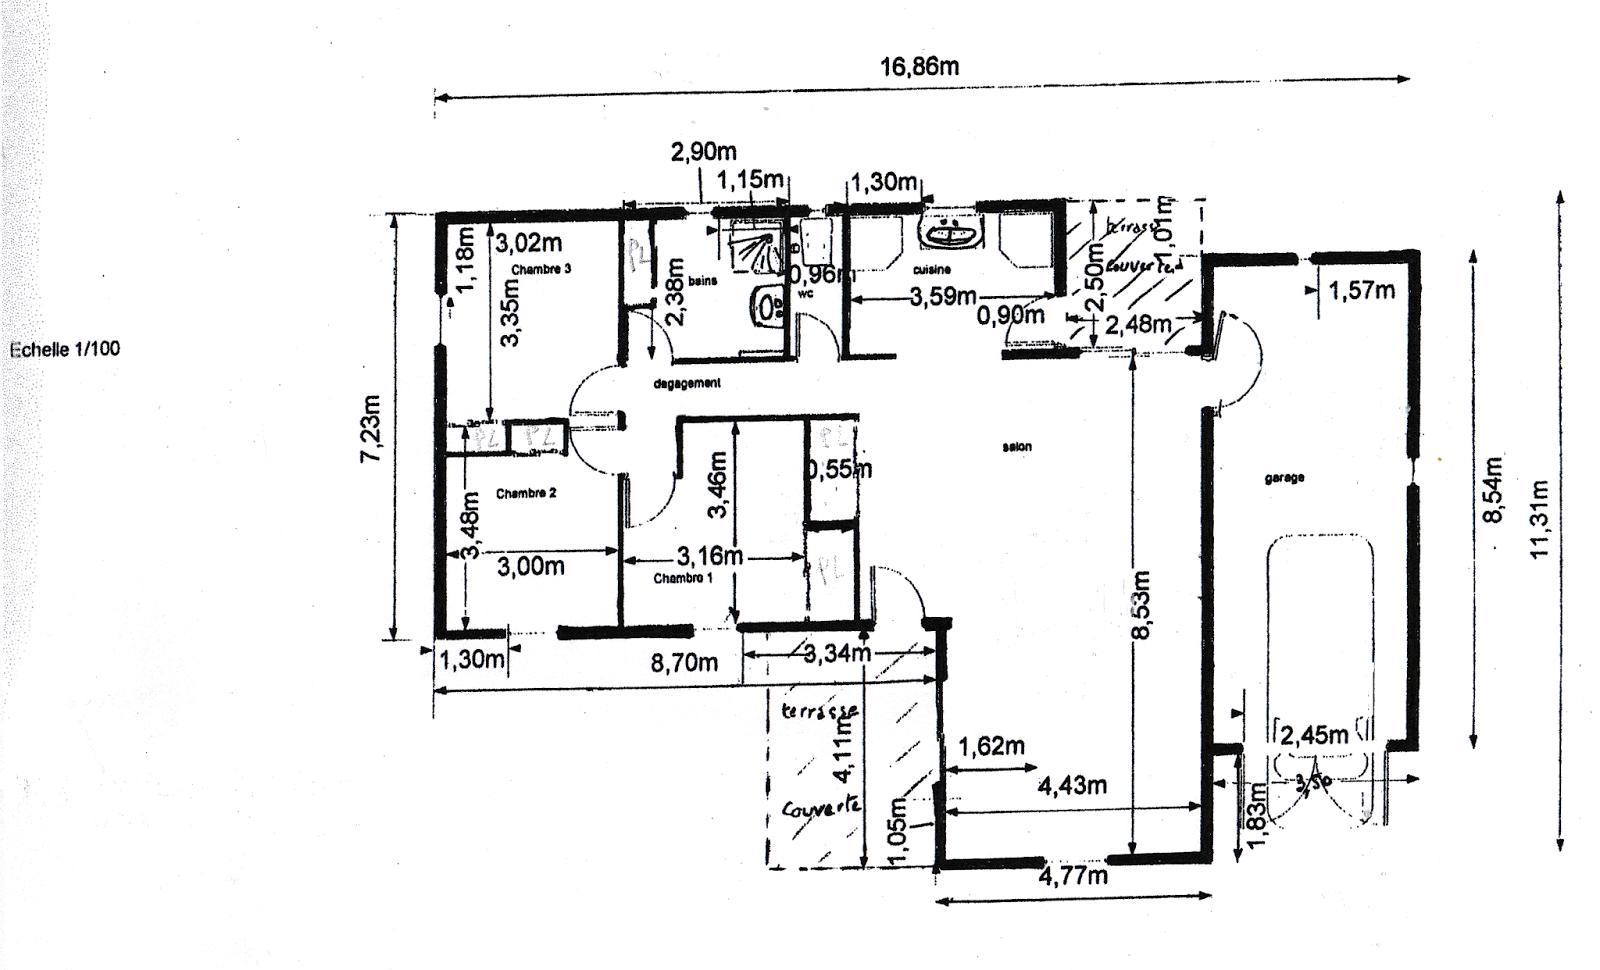 Achat plan maison plan achat maison neuve construire for Acheter plan maison